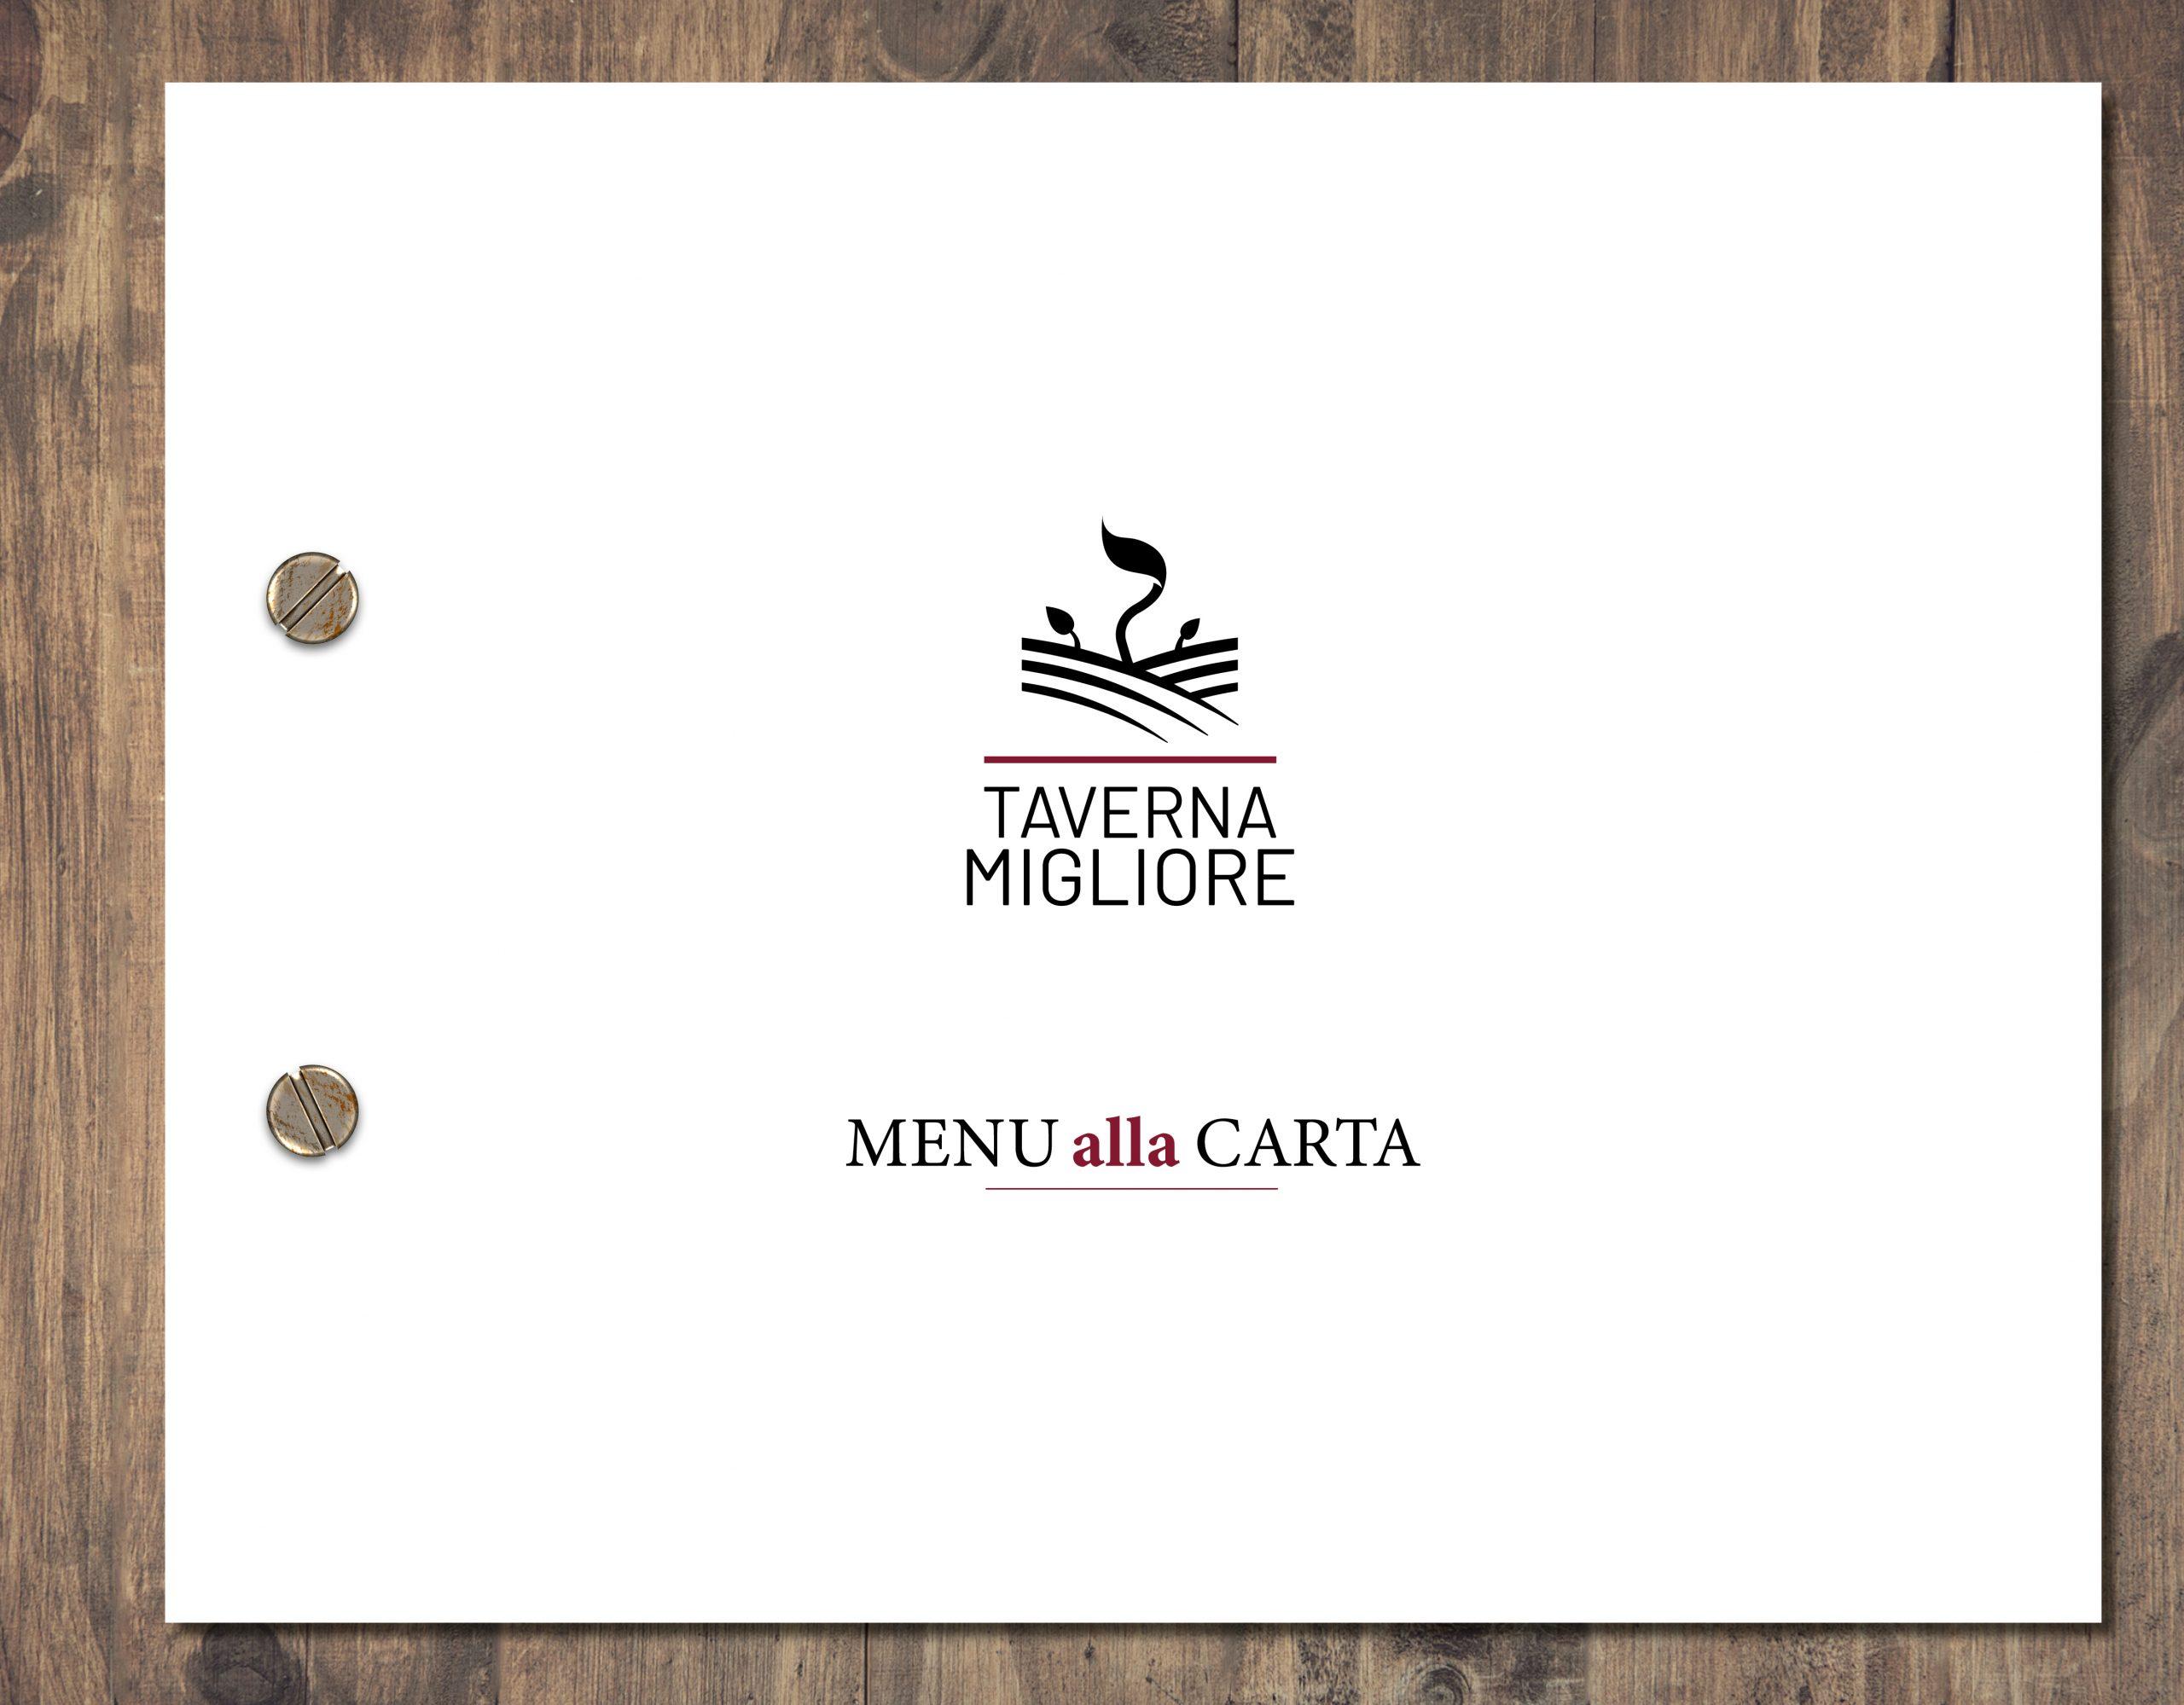 Mockup Taverna Migliore menu 1